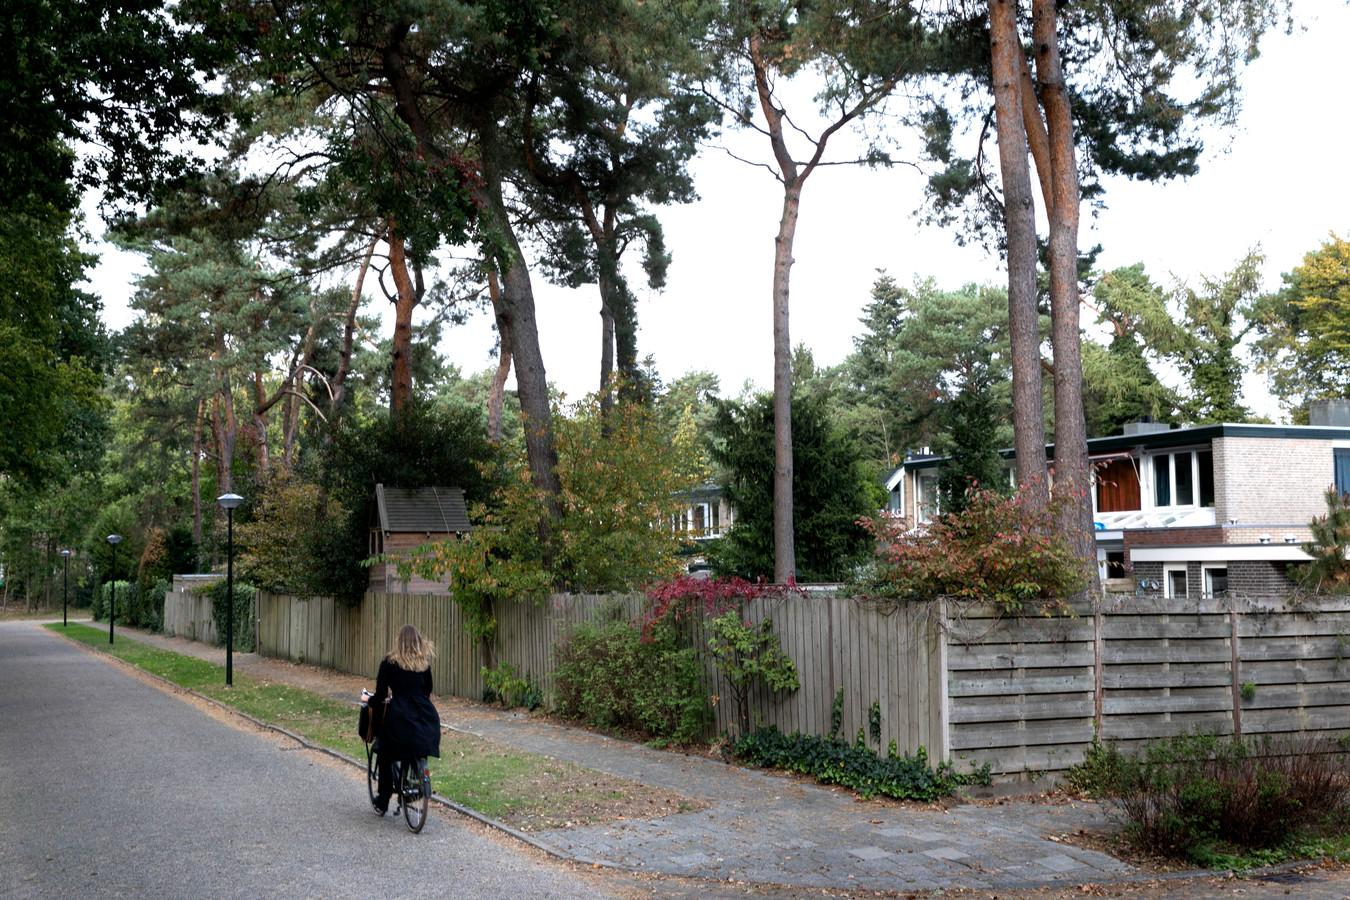 Schuttingen aan de Plesmanlaan in Son en Breugel. De gemeente wil geleidelijk af van de blinde, twee meter hoge wanden, grenzend aan de openbare weg.